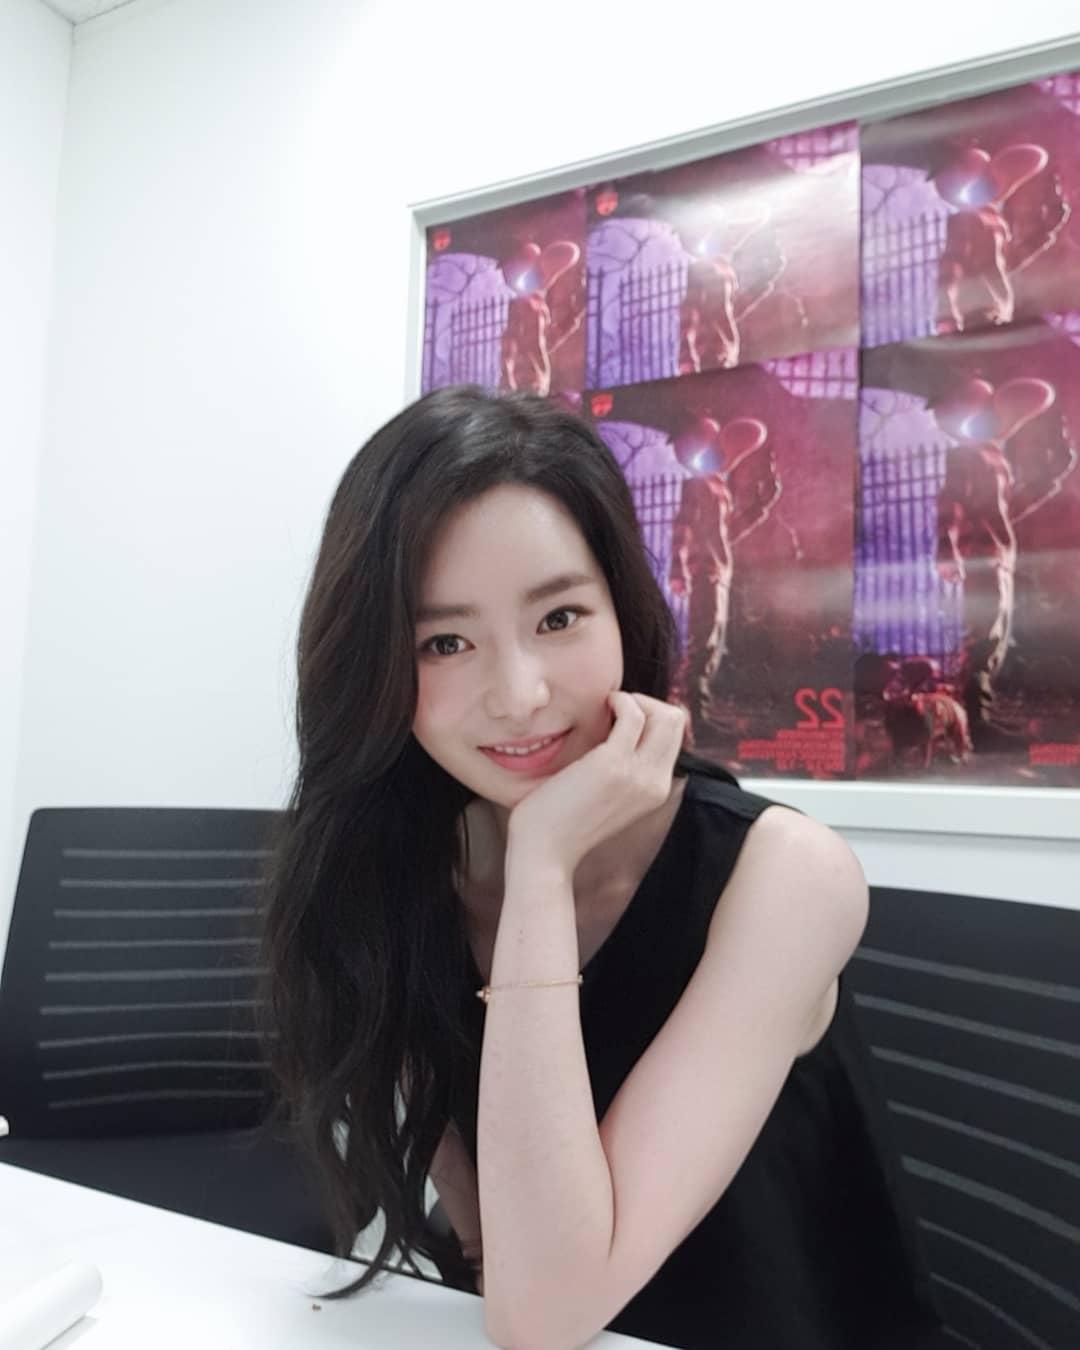 她们都30岁了?朴信惠、朴宝英,这些1990年出生的韩国女星,你都认识吗?插图11